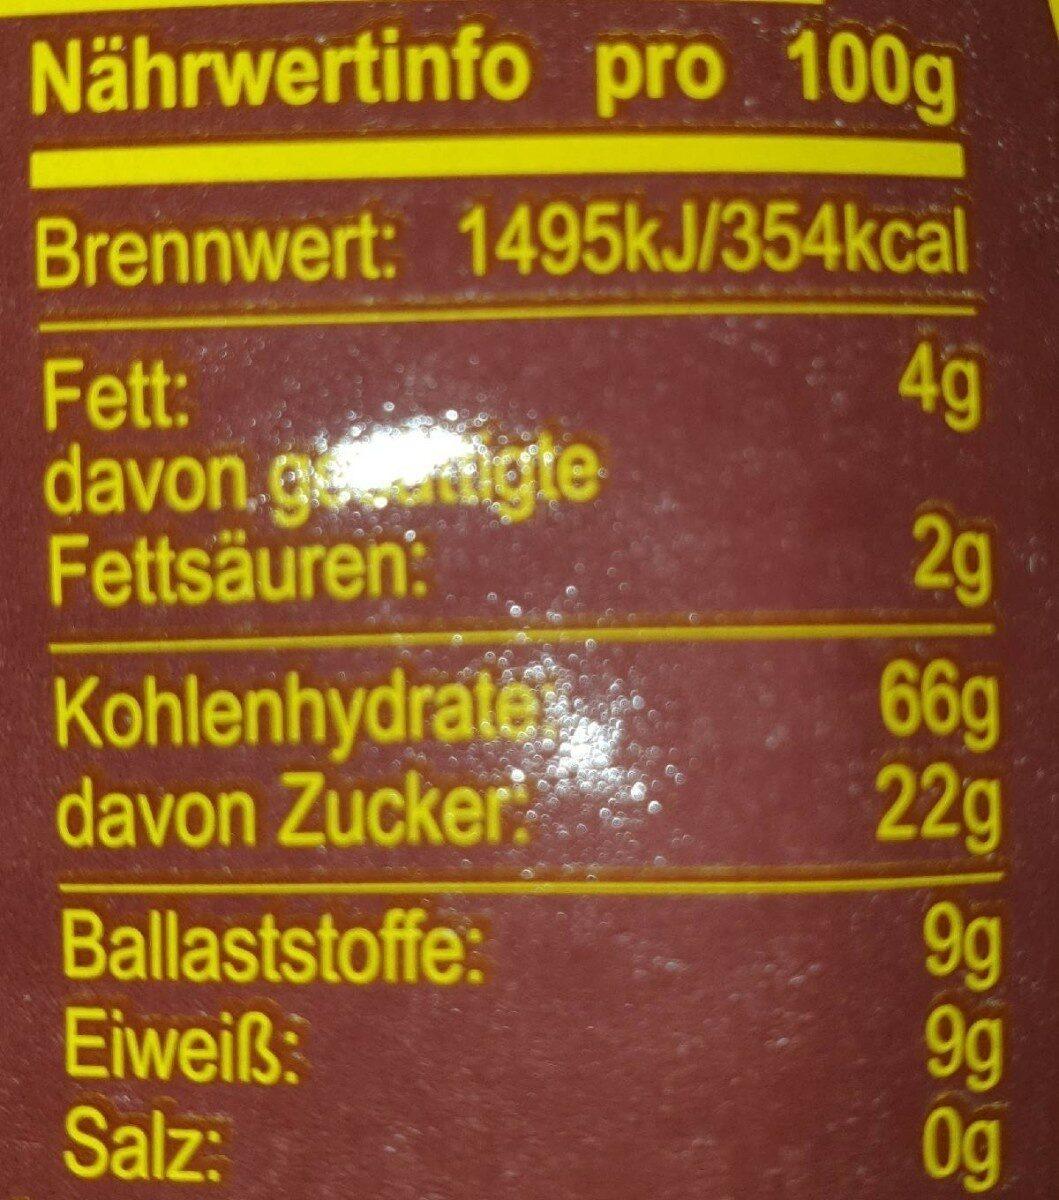 Müsli 054 Confiserie - Valori nutrizionali - fr